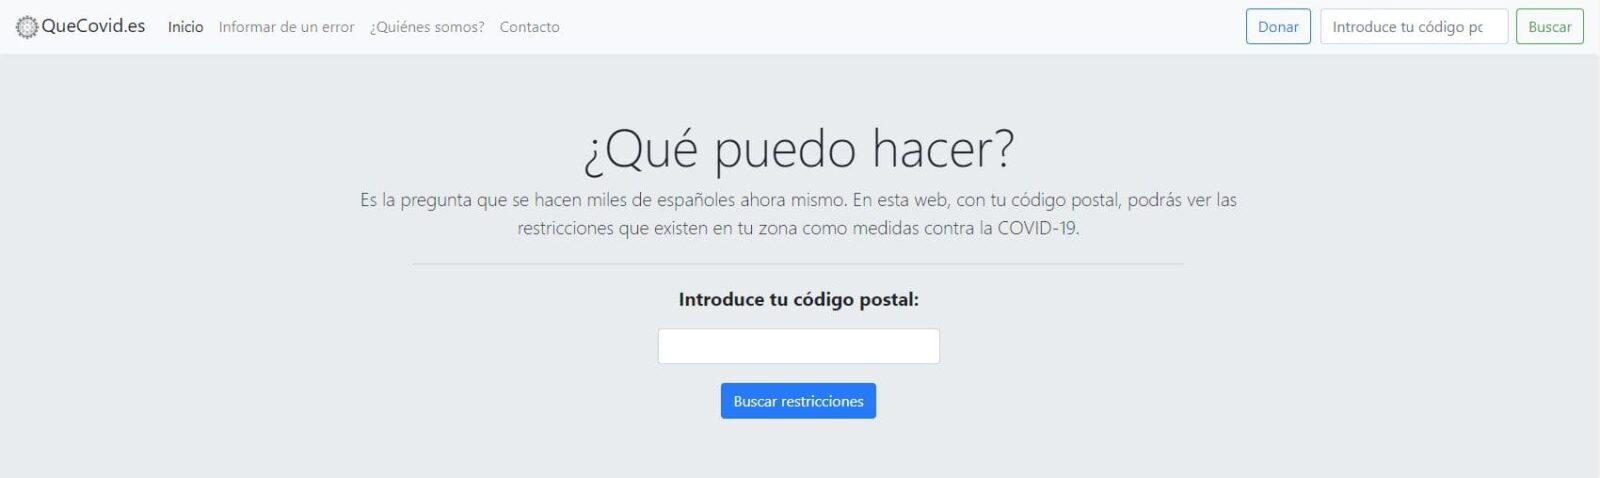 QueCovid.es-saber-restricciones-COVID-España